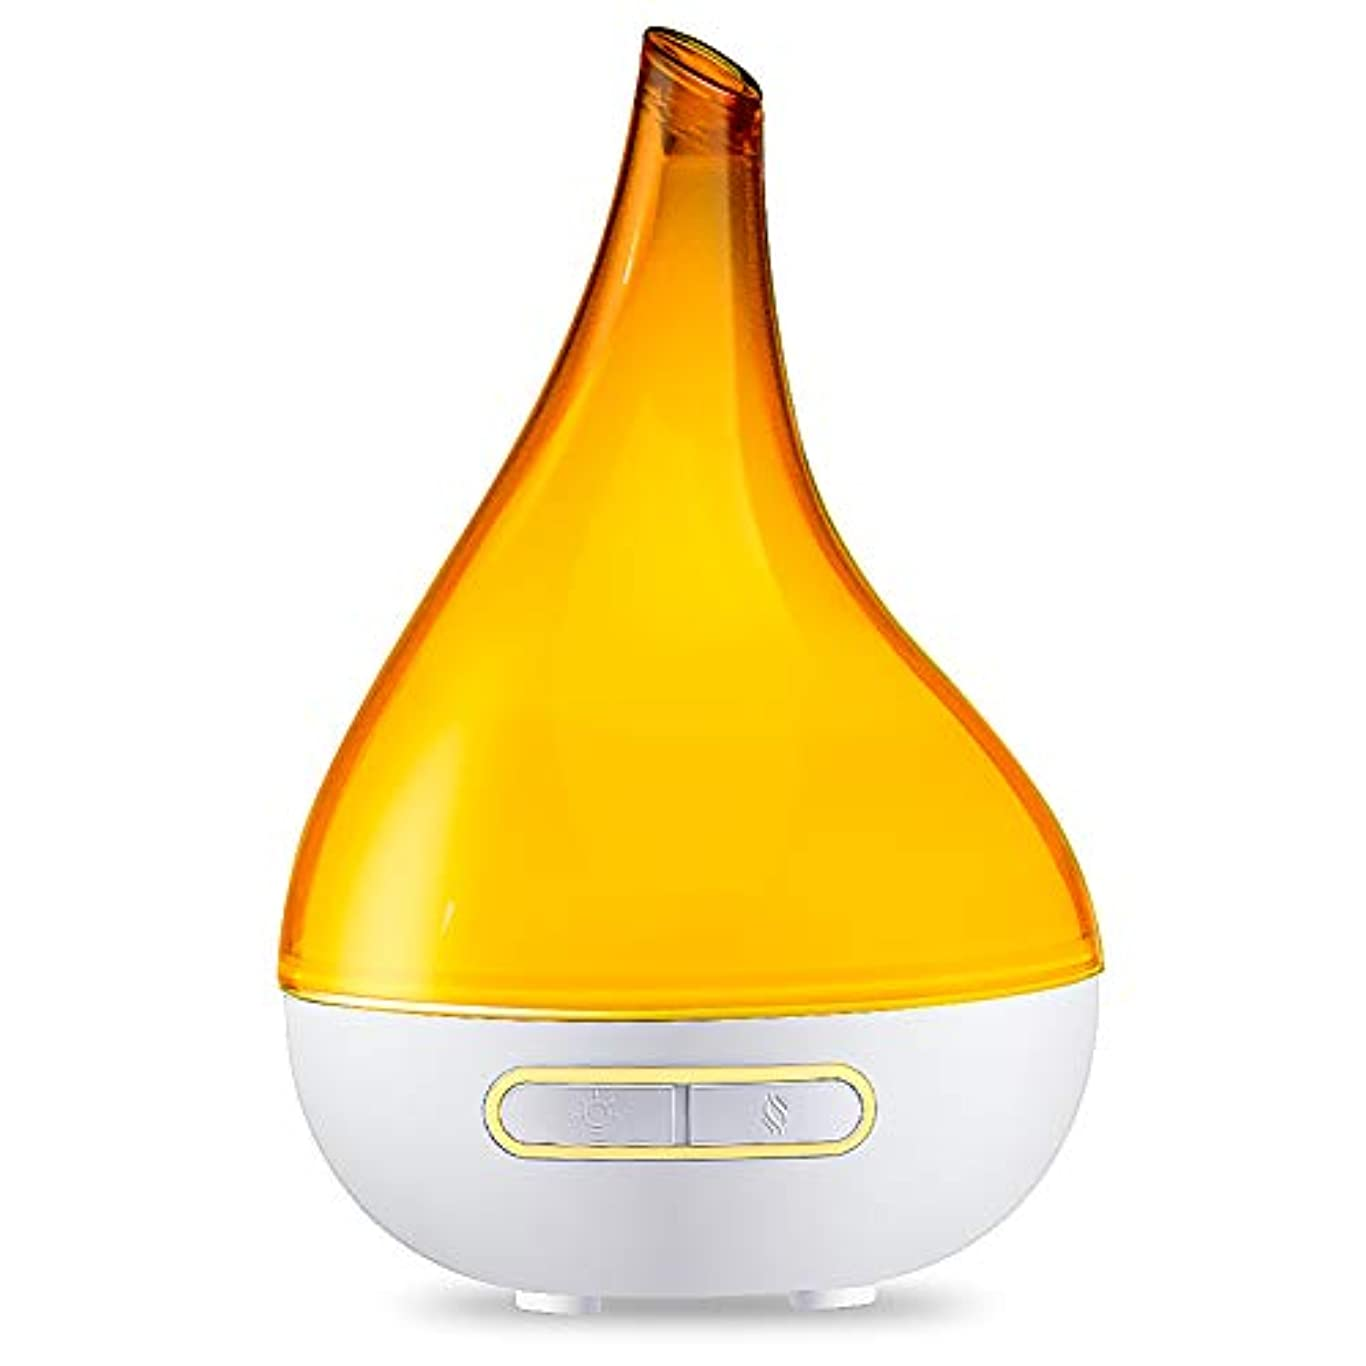 核おもちゃ神経超音波 エッセンシャル オイル ディフューザー 電気 涼しい霧の加湿器 調節可能なミスト付け アロマディフューザー 夜間照明付き 赤ちゃんの家-オレンジ 15x23.7cm